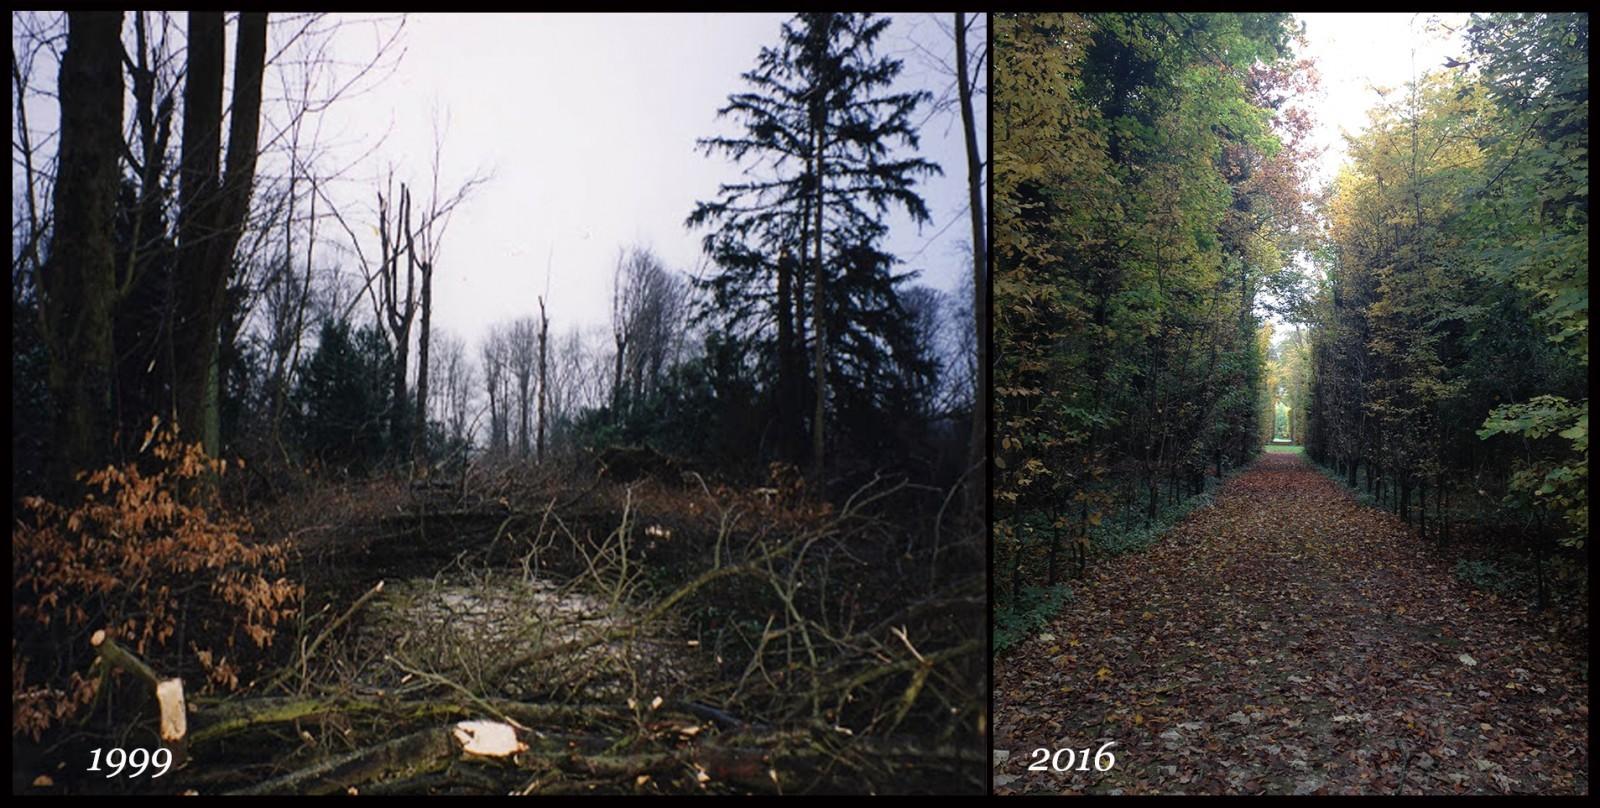 Régénération forestière des bosquets de Champs-sur-Marne détruits par la tempête du 26 décembre 1999. © JM Sainsard